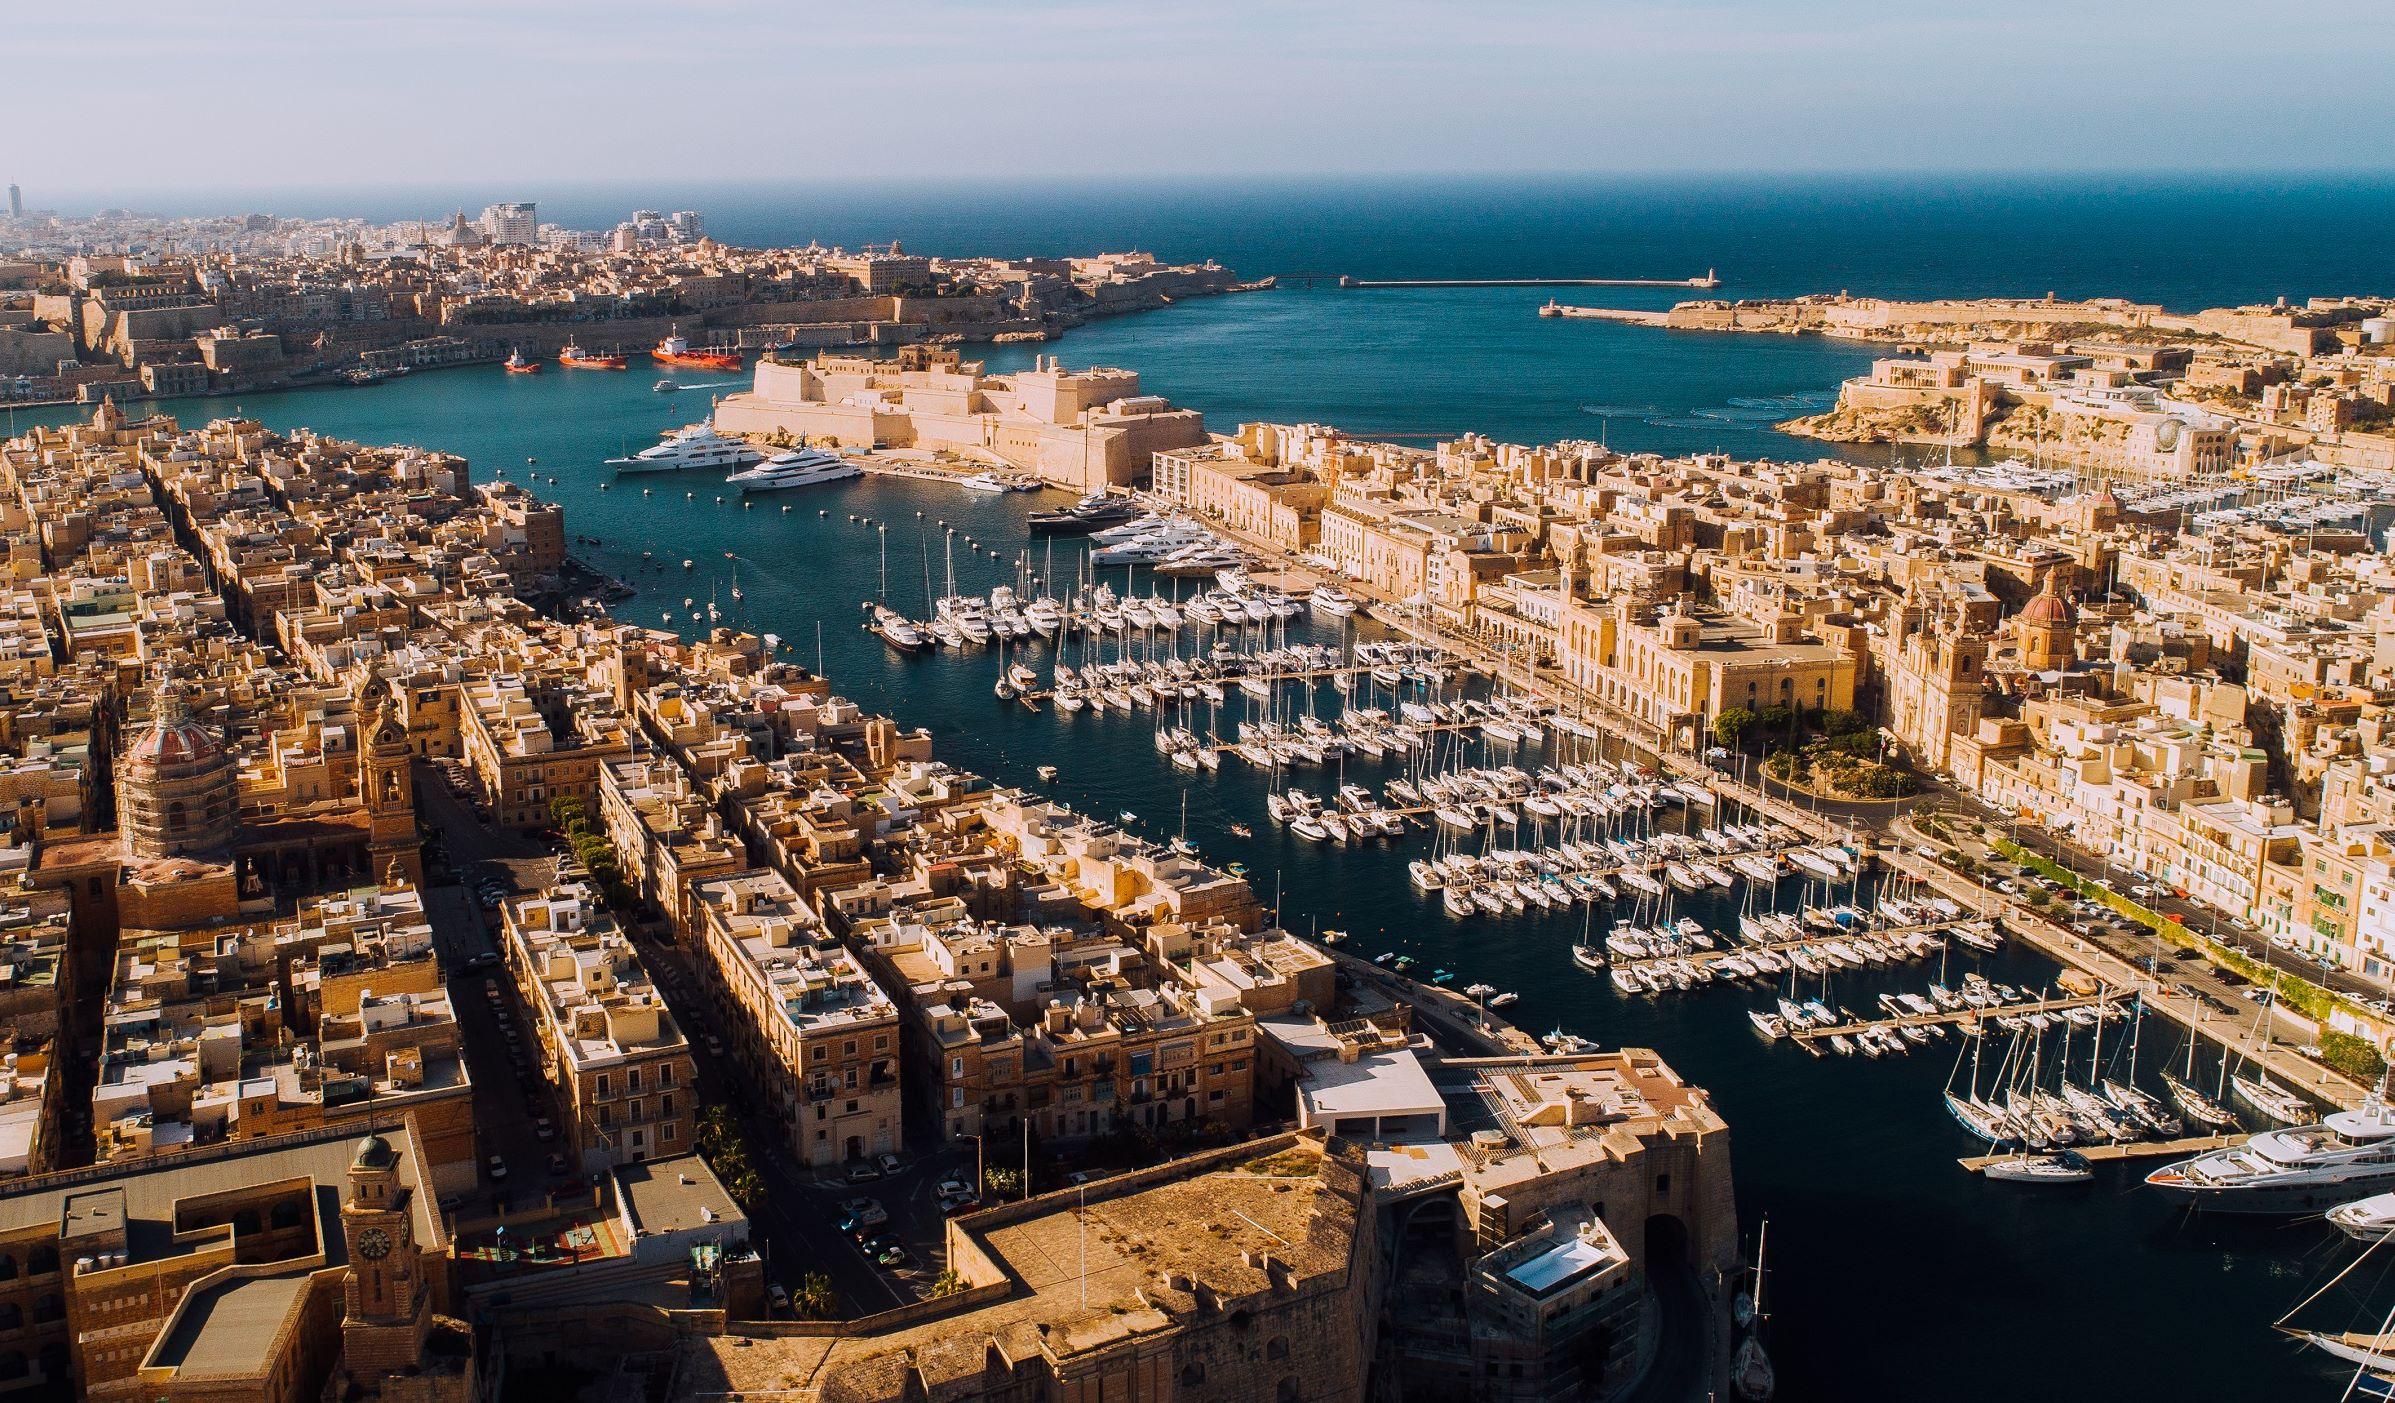 Et kig udover havnen i Maltas hovedstad, Valletta, der i indbyggertal regnes som den mindste i EU. Foto: Malta Tourism Authority.